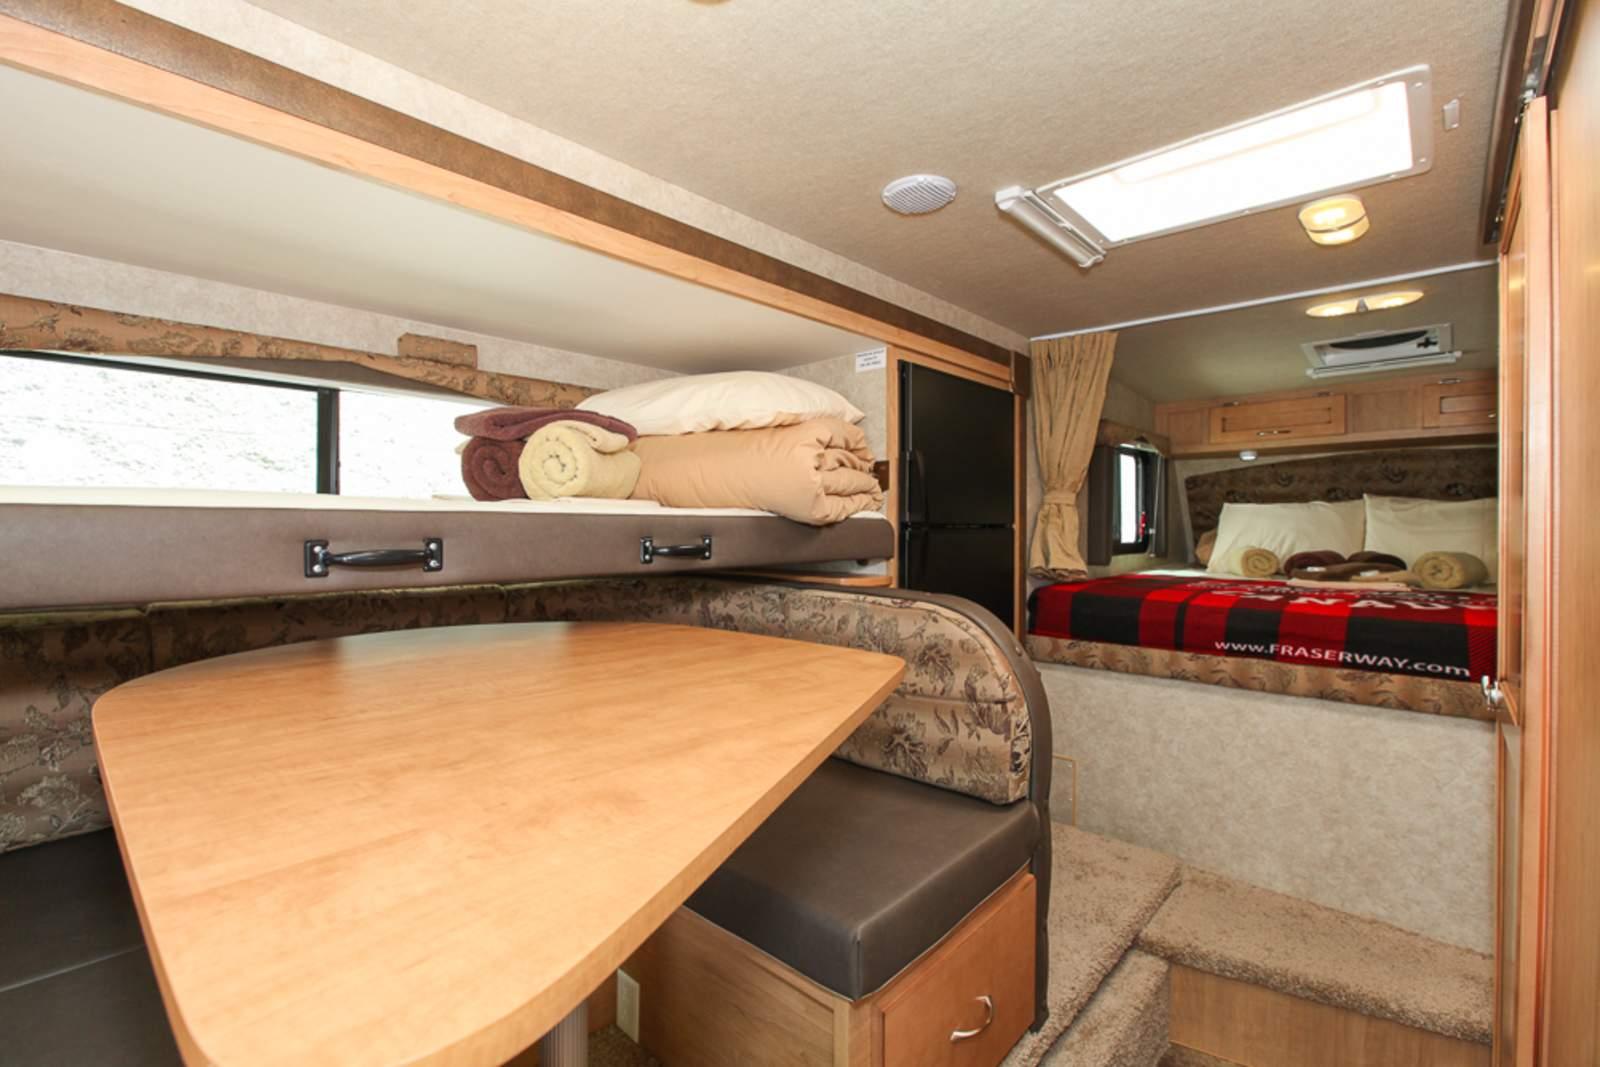 Wohnmobile Kanada Fraserway Rv Truck Camper Bunk Canusa